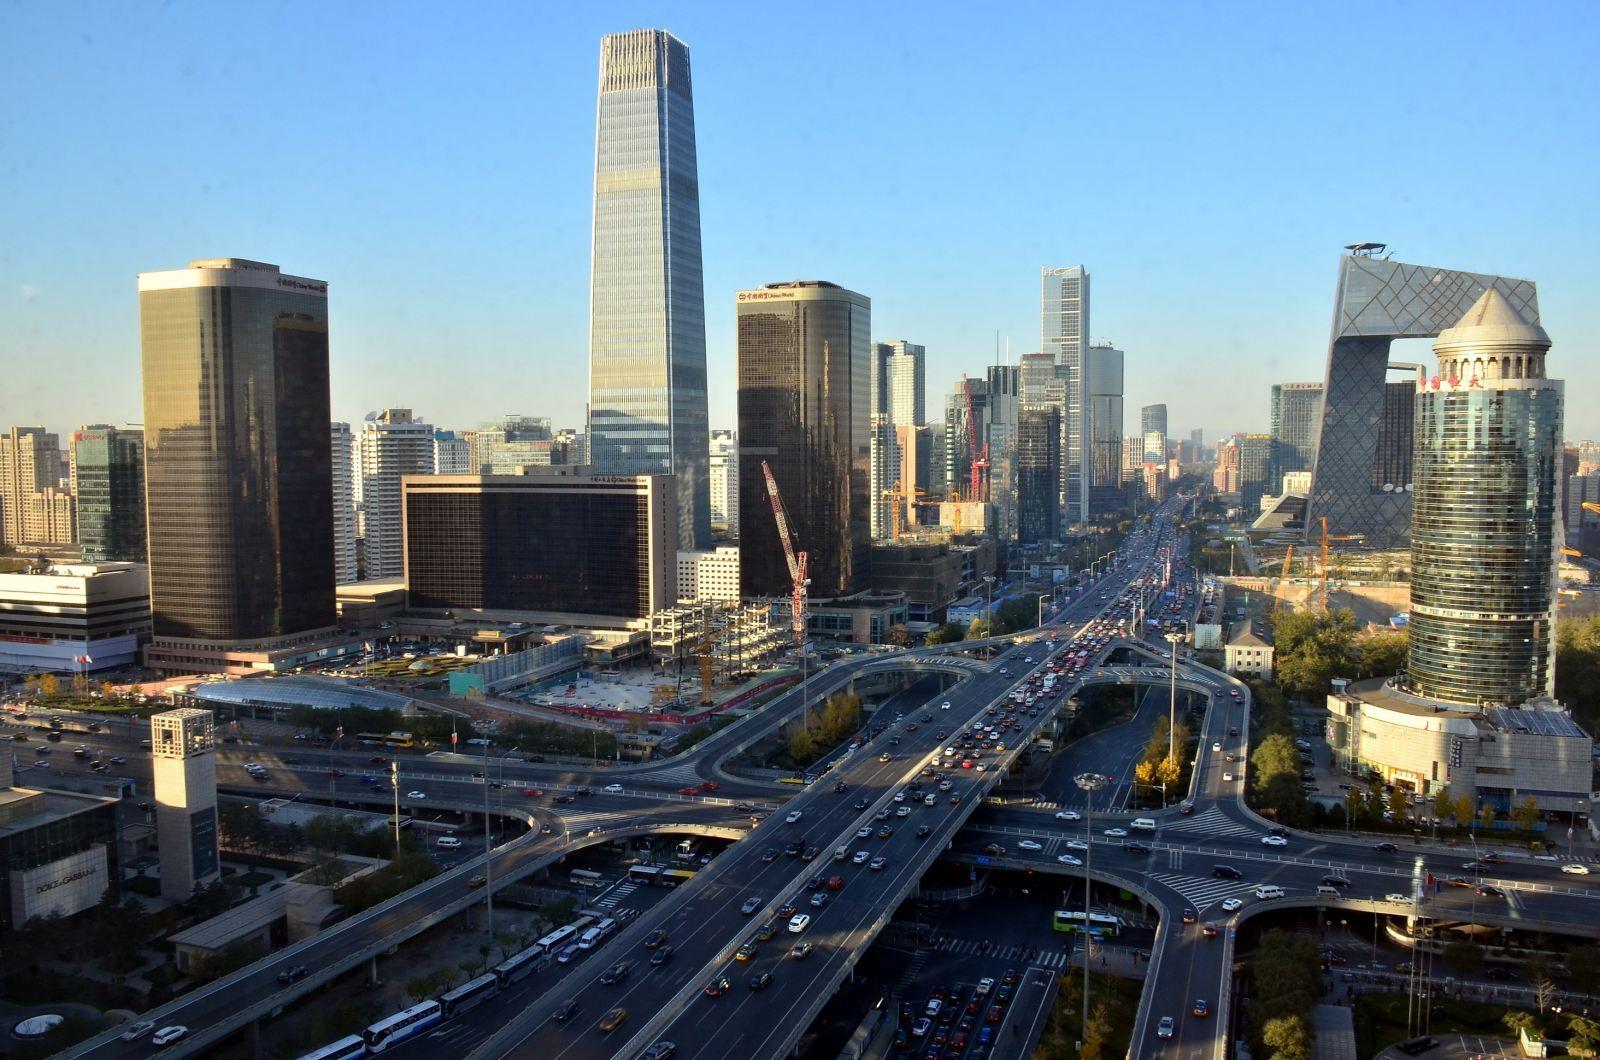 二手房降百万、新房打折促销 京城楼市真的降价了吗?